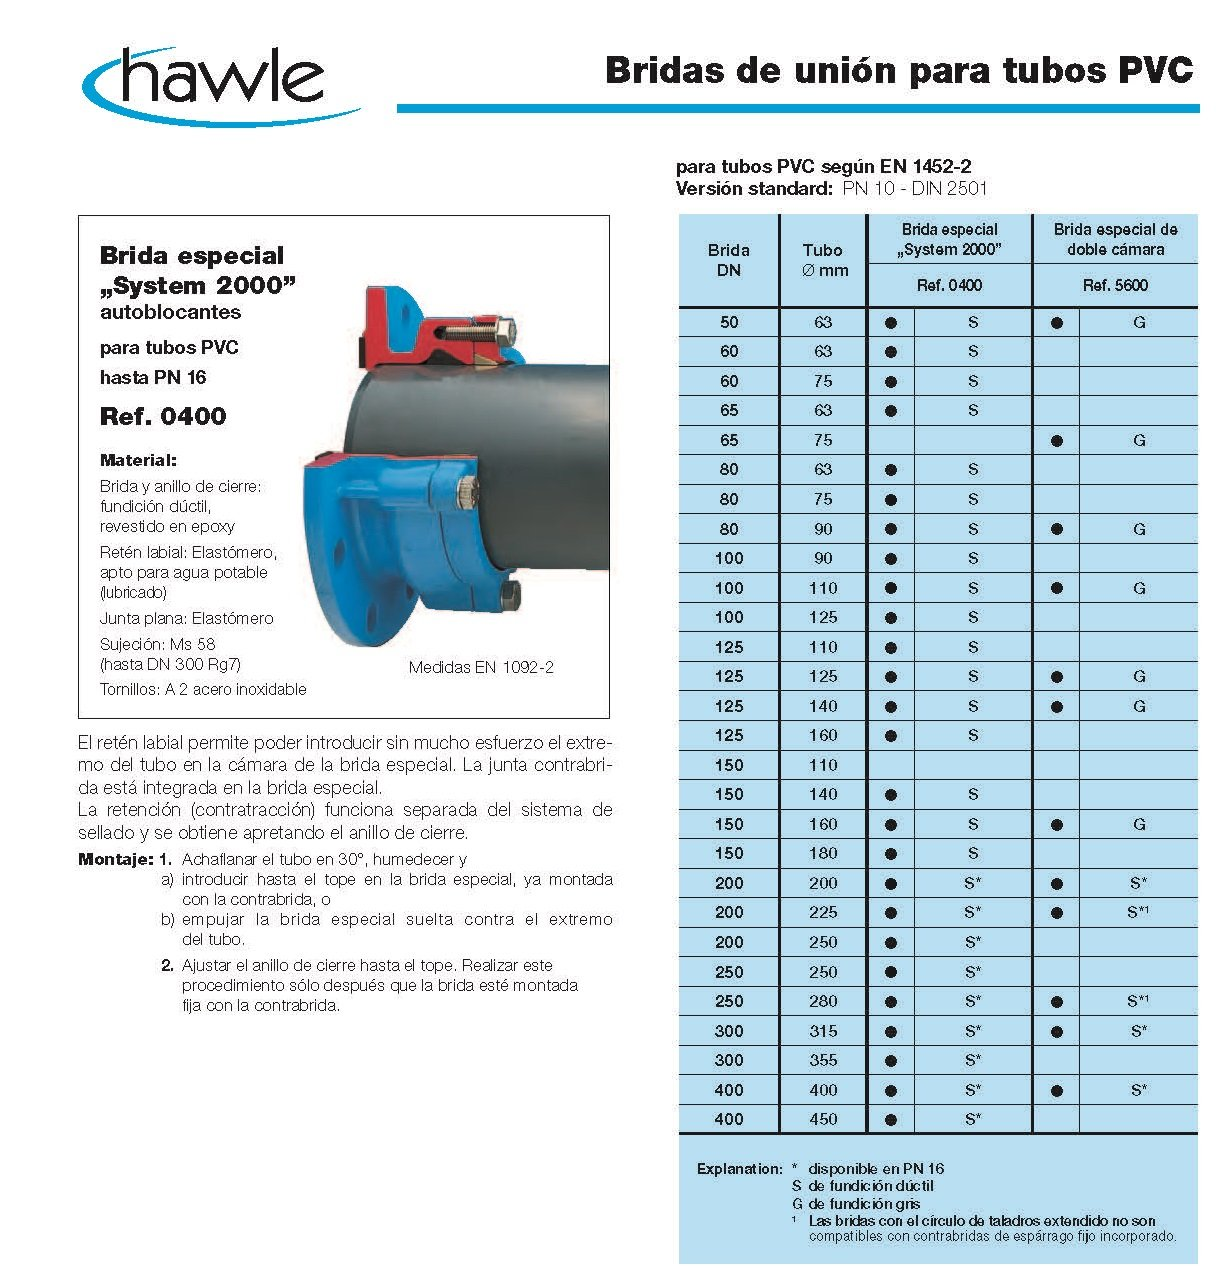 bridas de union para tubos pvc croquis